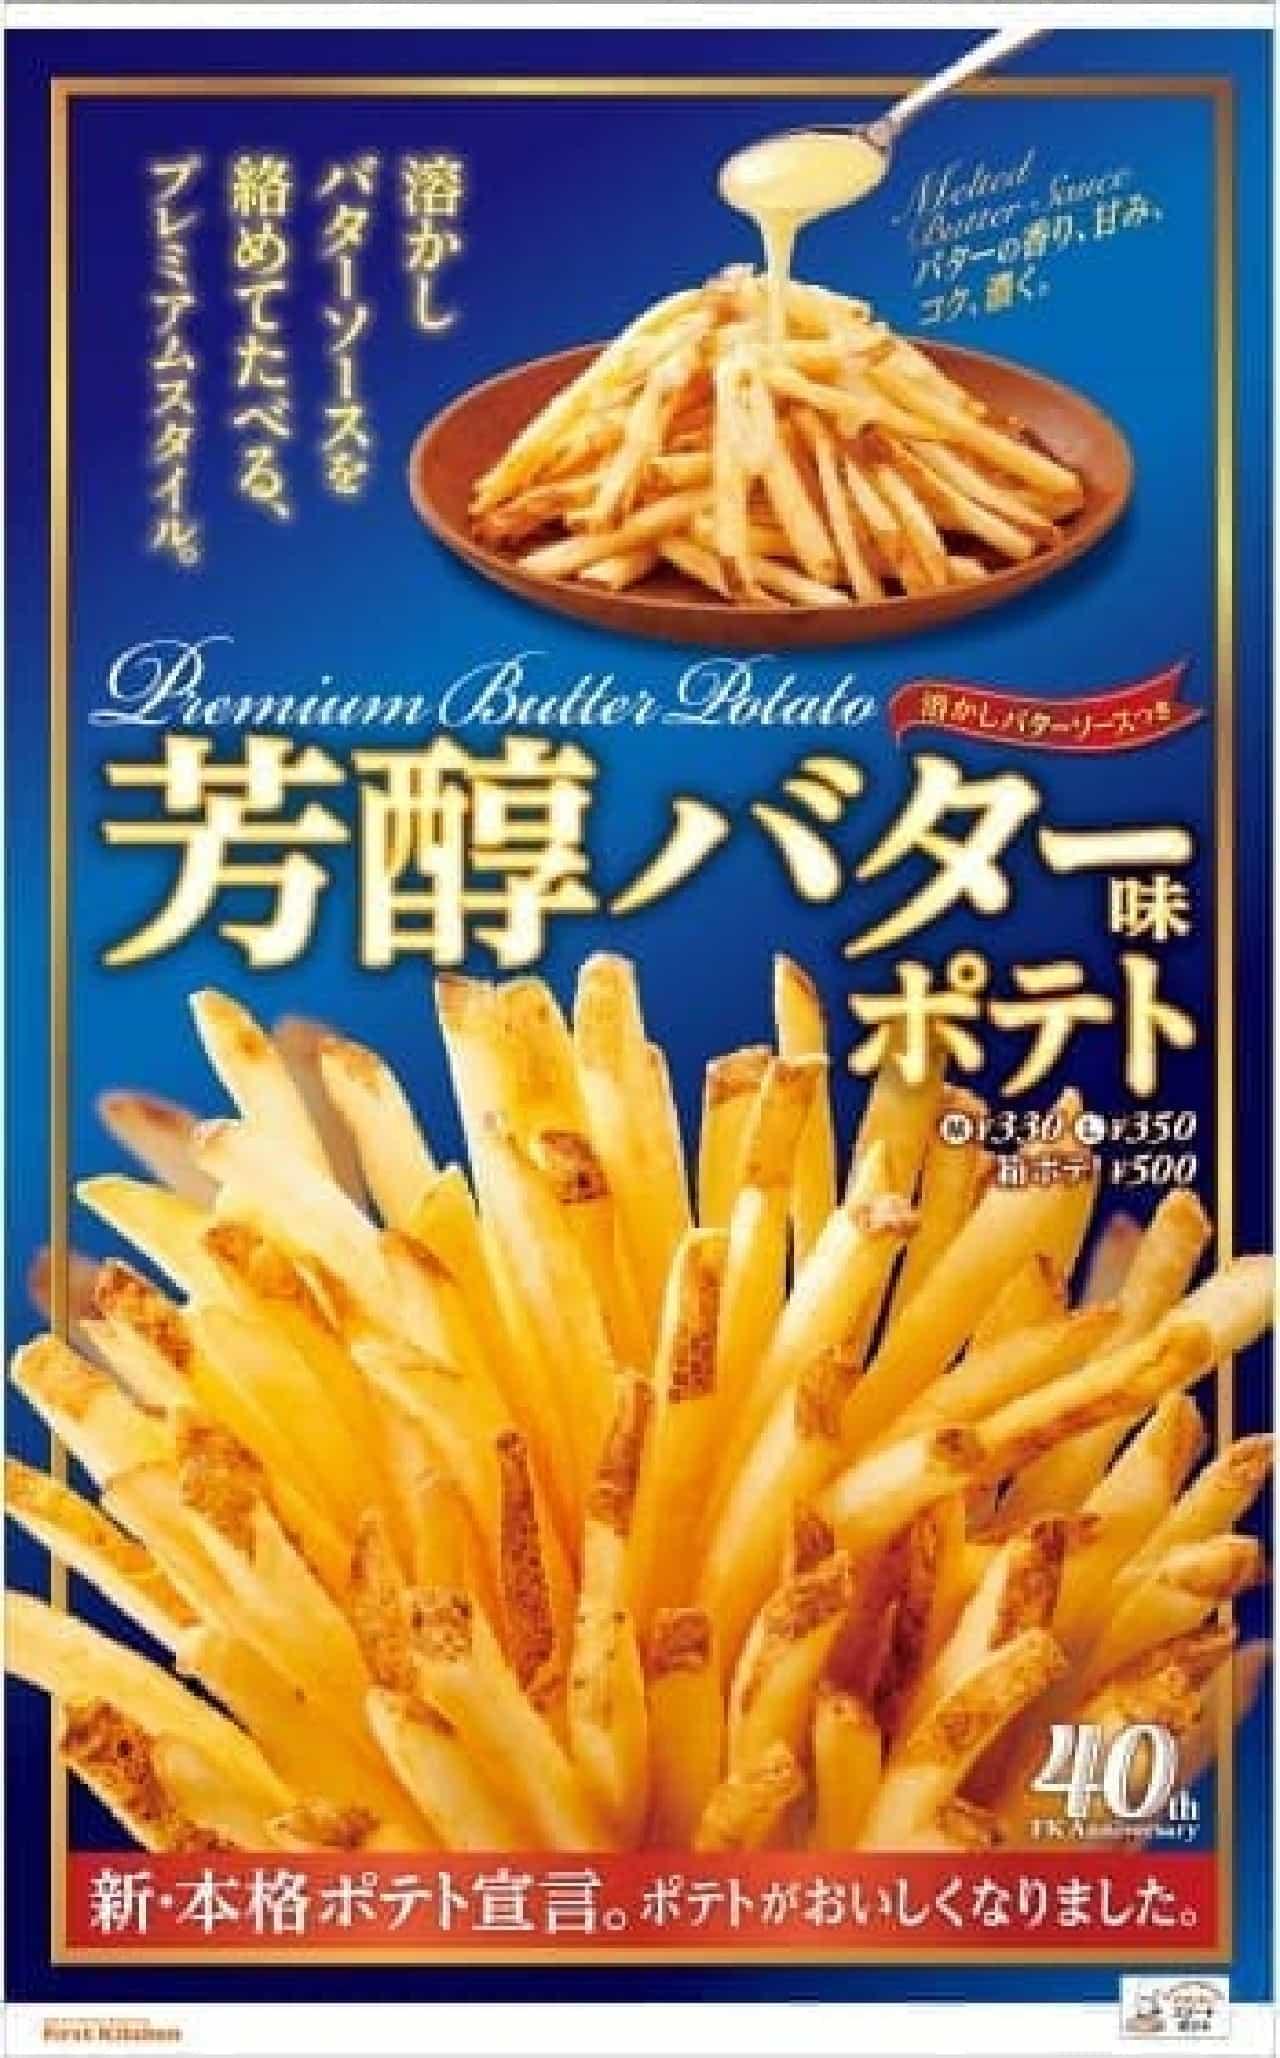 ファーストキッチン「芳醇バター味ポテト」